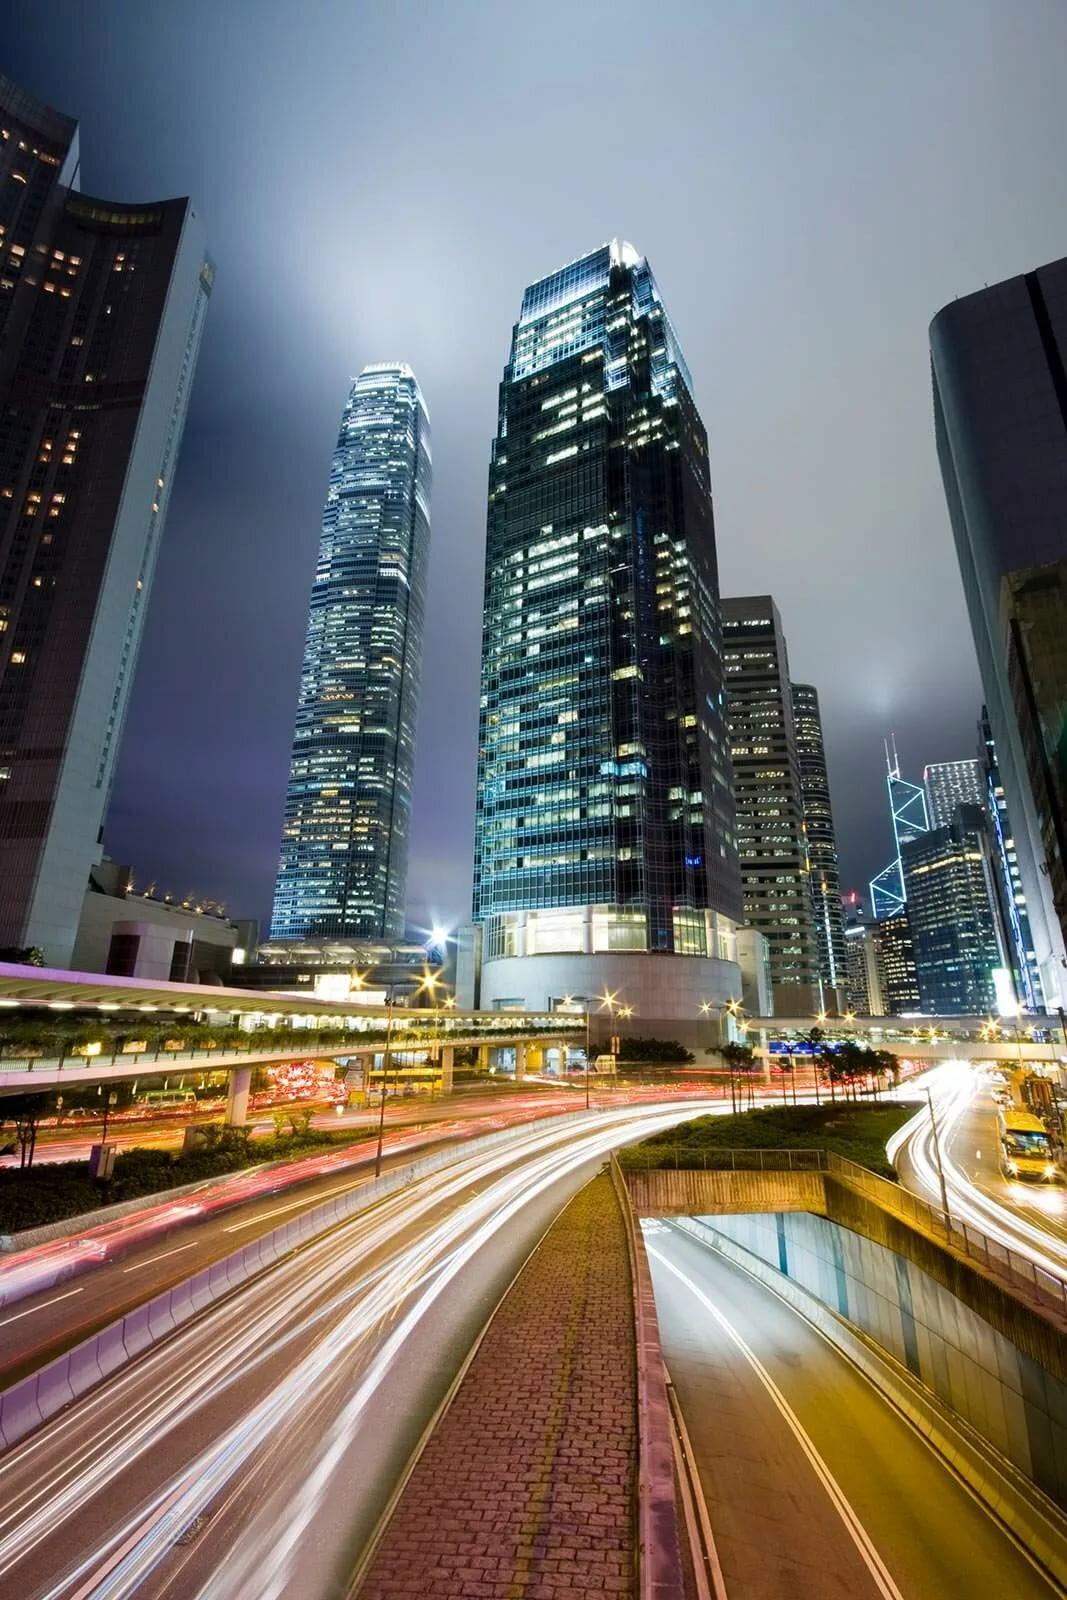 ночной город картинки на телефон подготовка